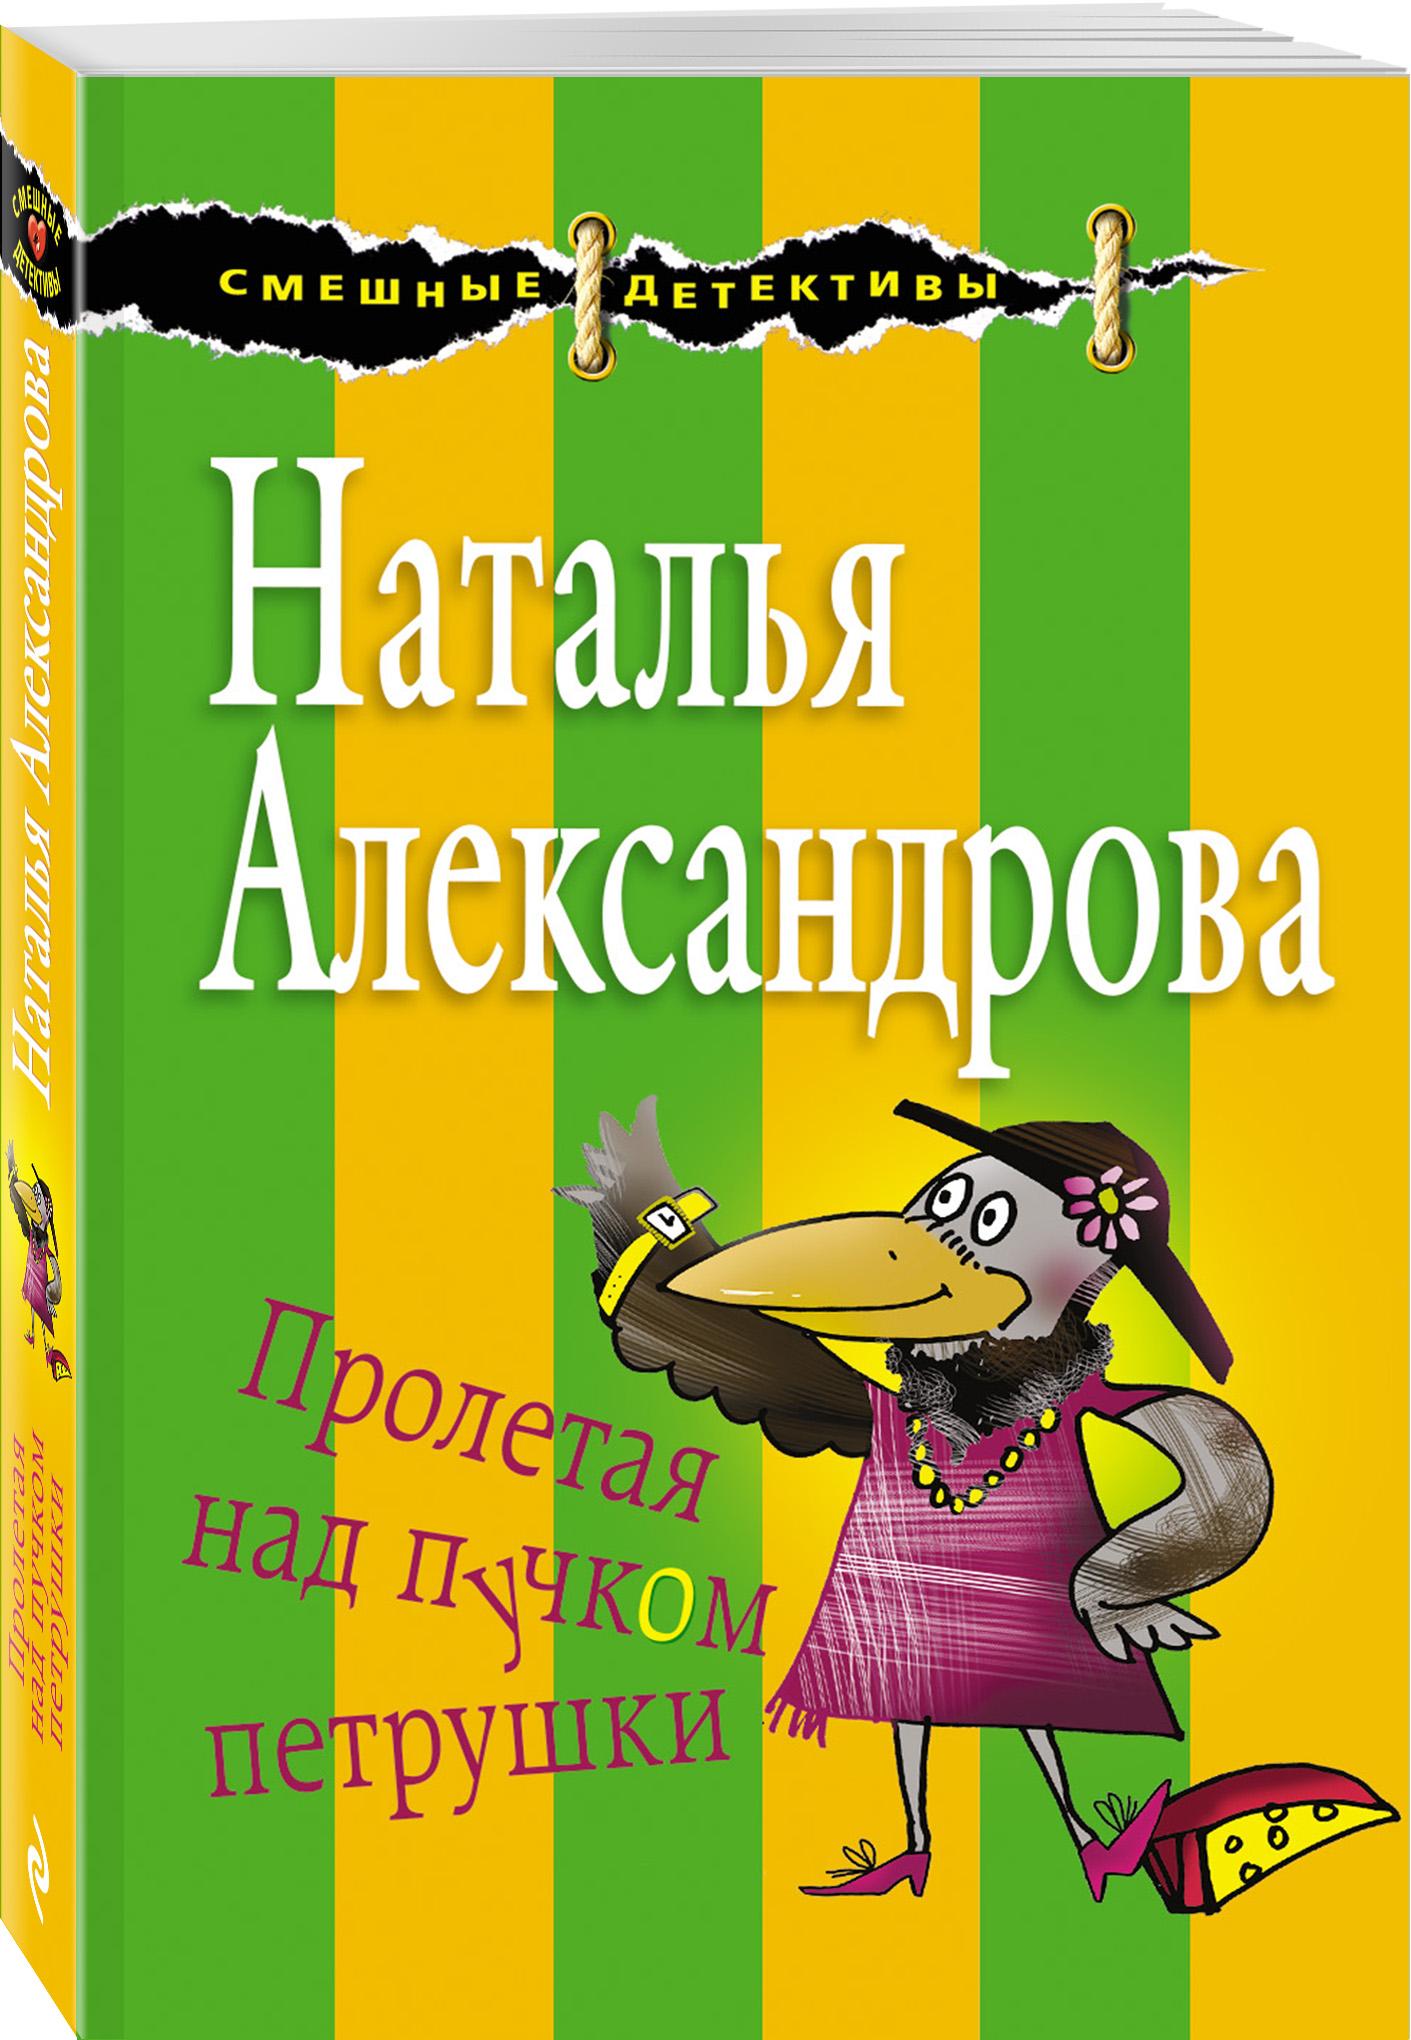 Наталья Александрова Пролетая над пучком петрушки